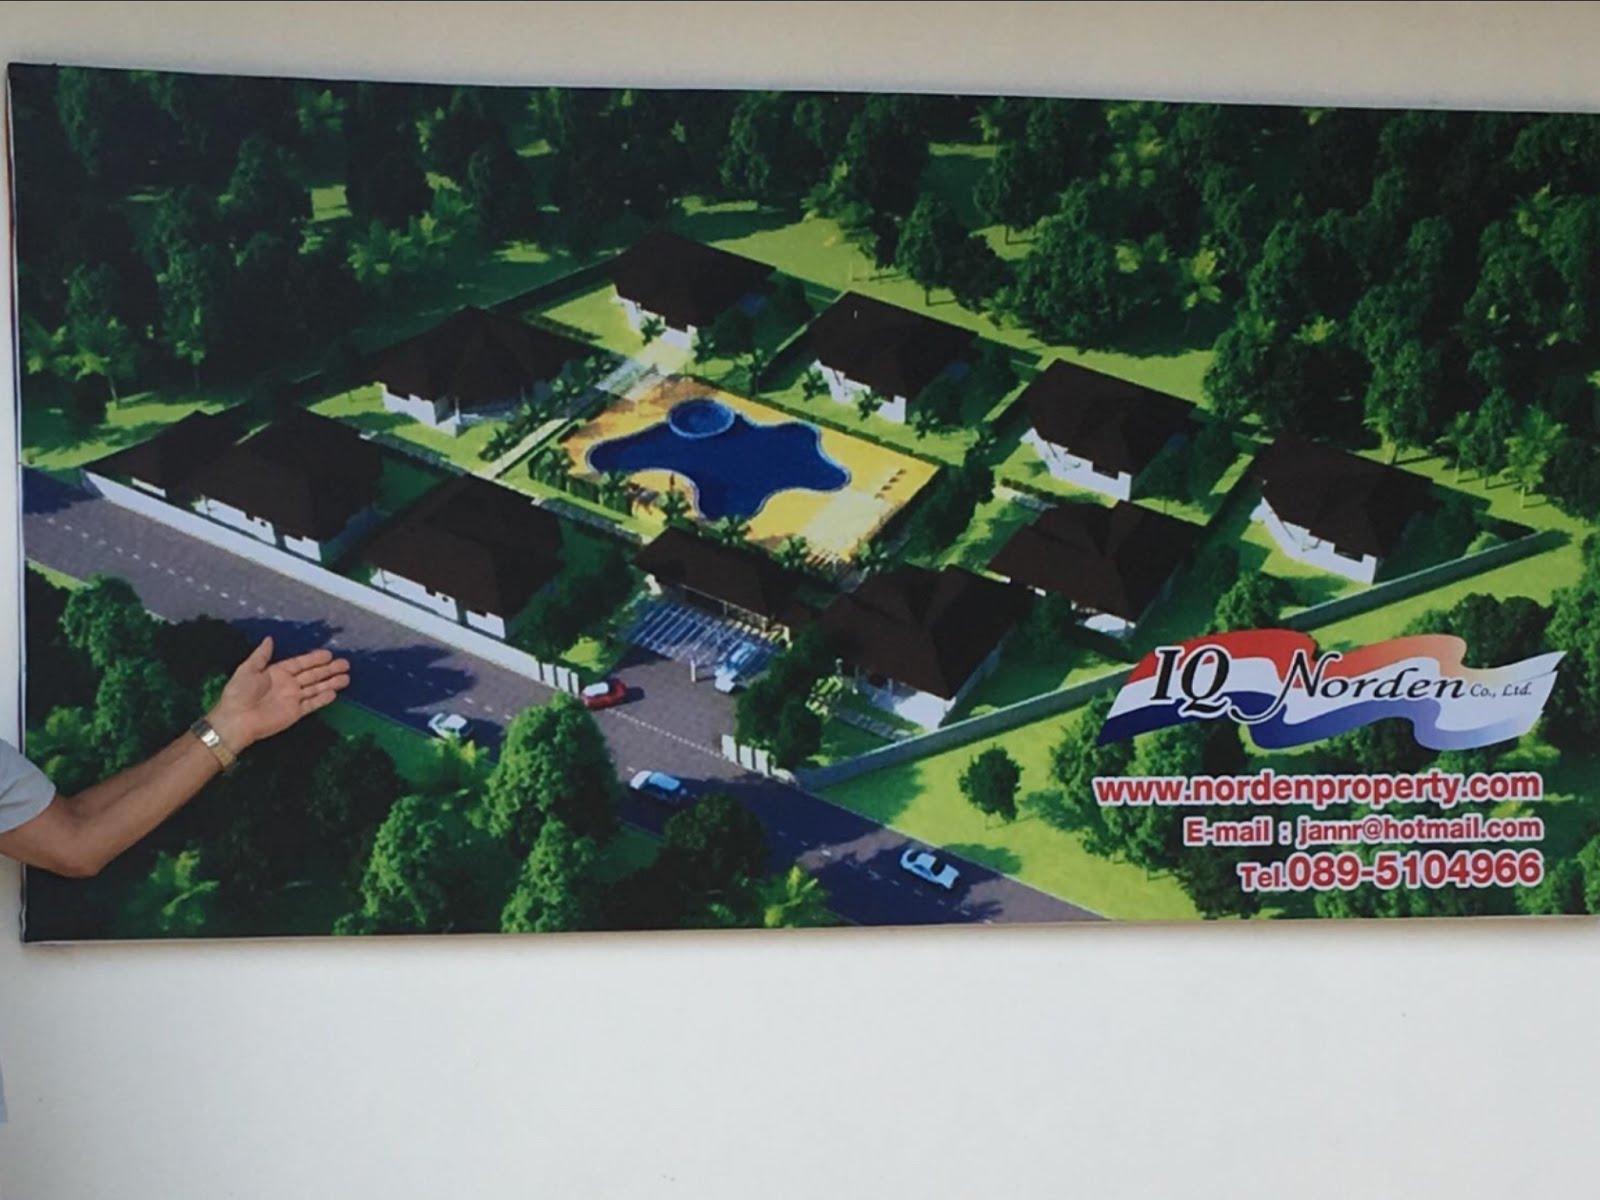 Vi bygger hus i Chackpong Ban Phe  IQ Norden Co.Ltd